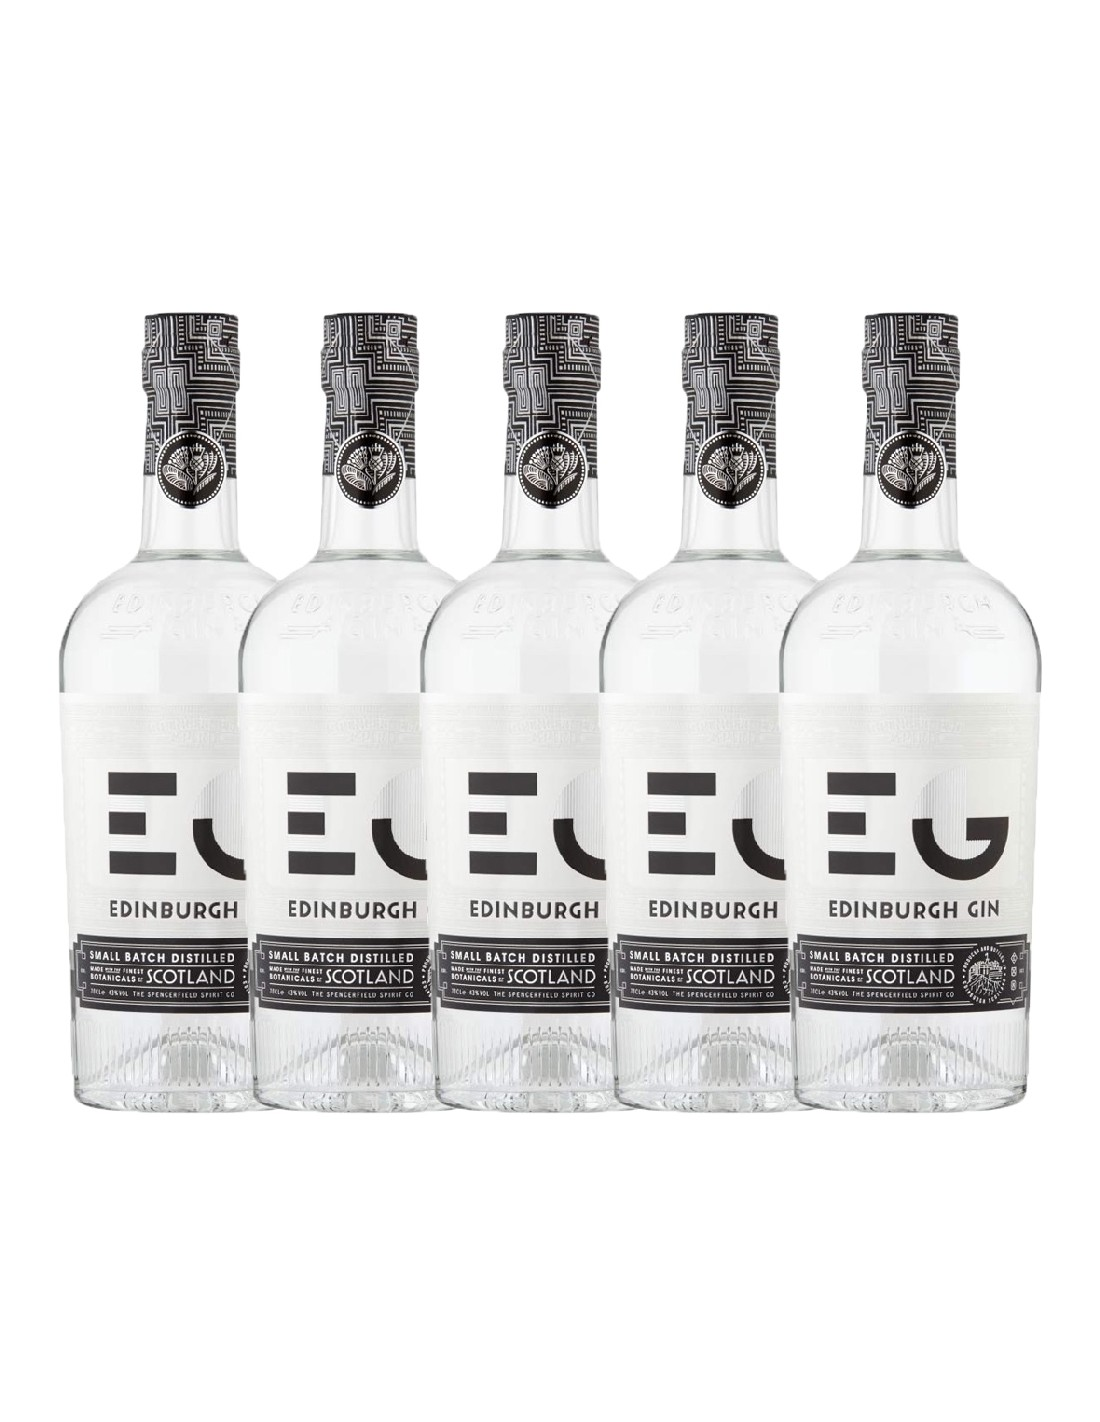 Pachet 5 sticle Gin Edinburgh 43% alc., 0.7L, Scotia